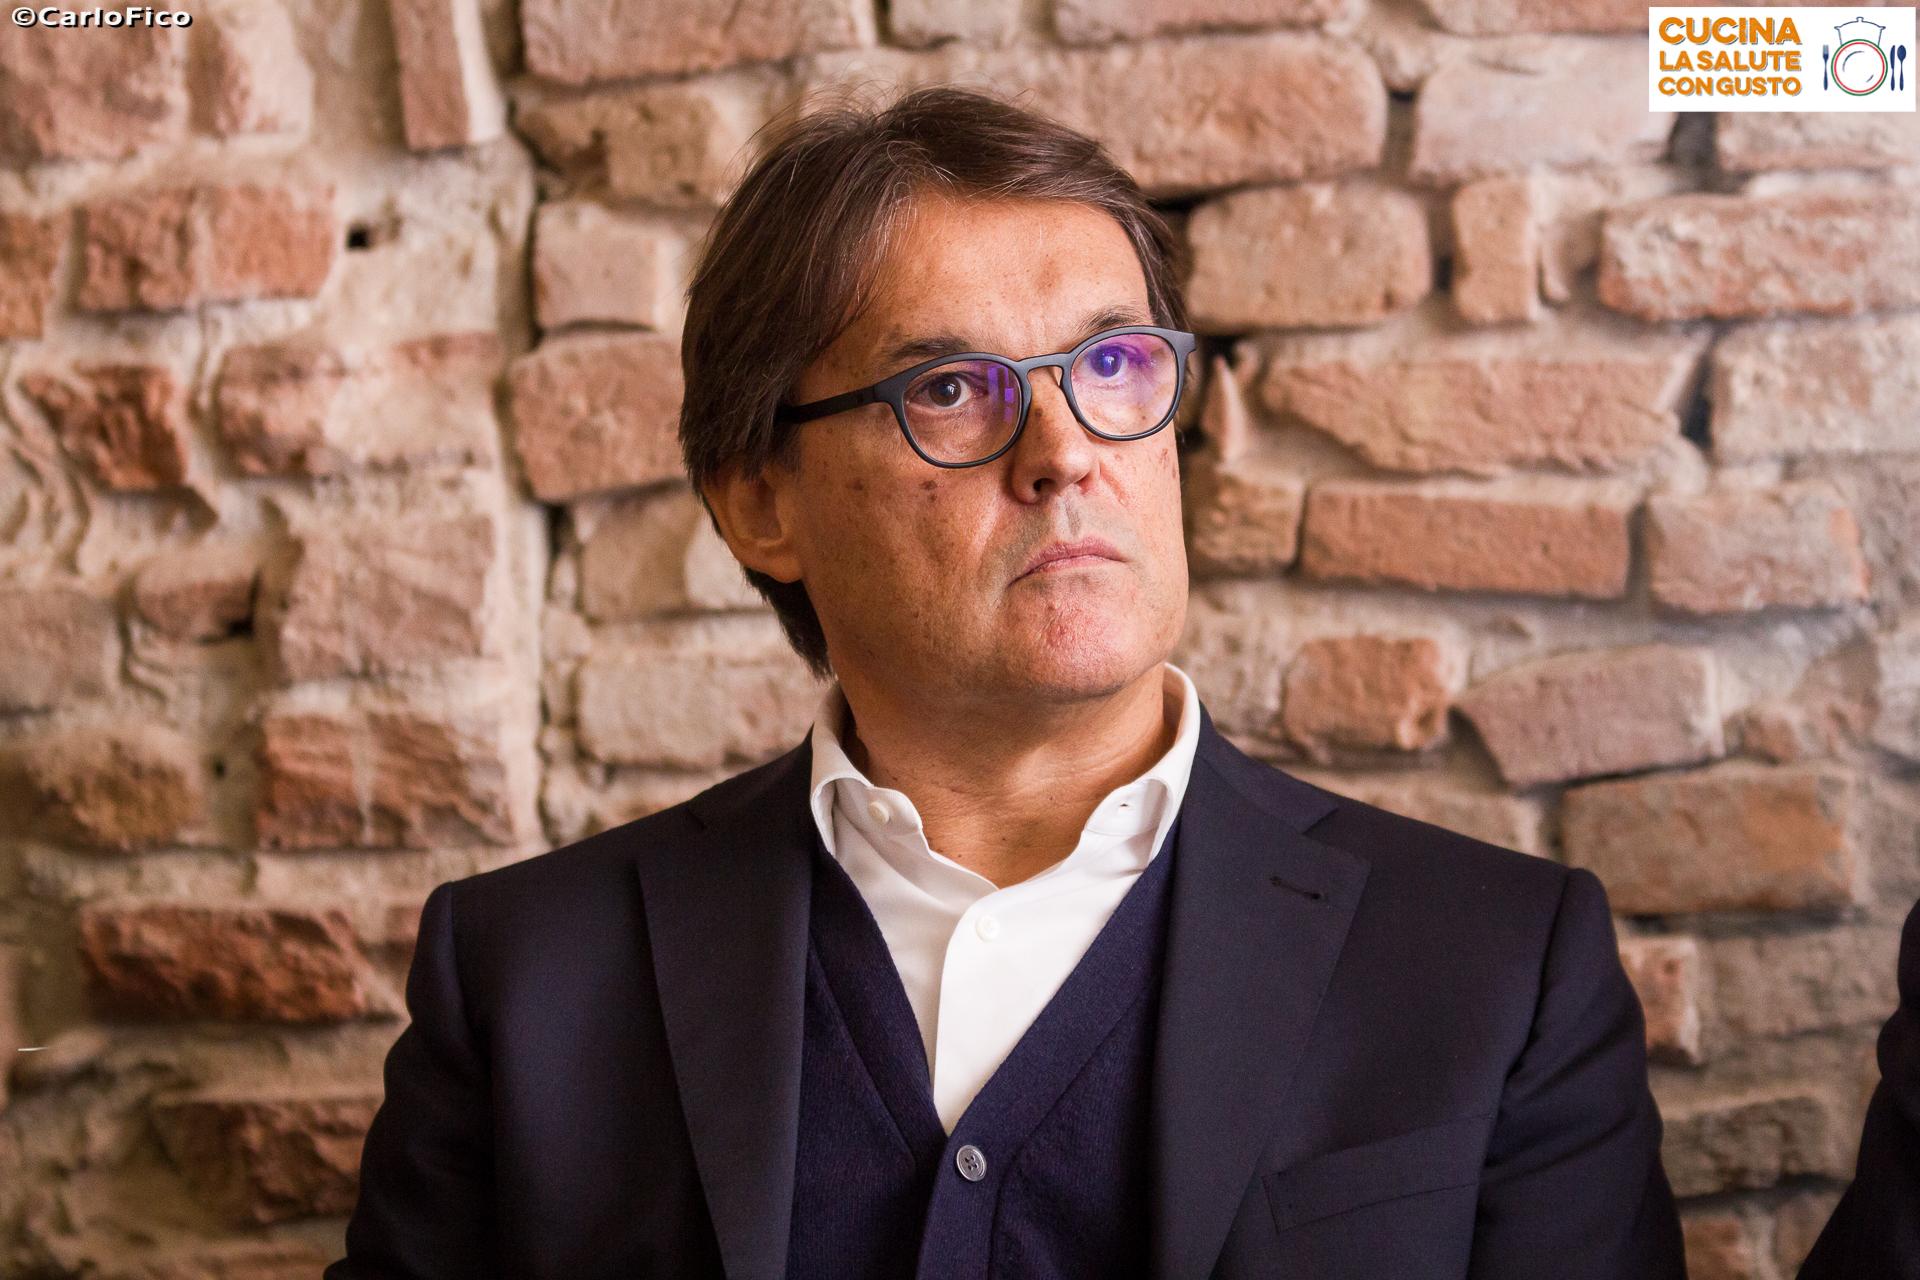 Nella foto di Carlo Fico, Angelo Ballarini.